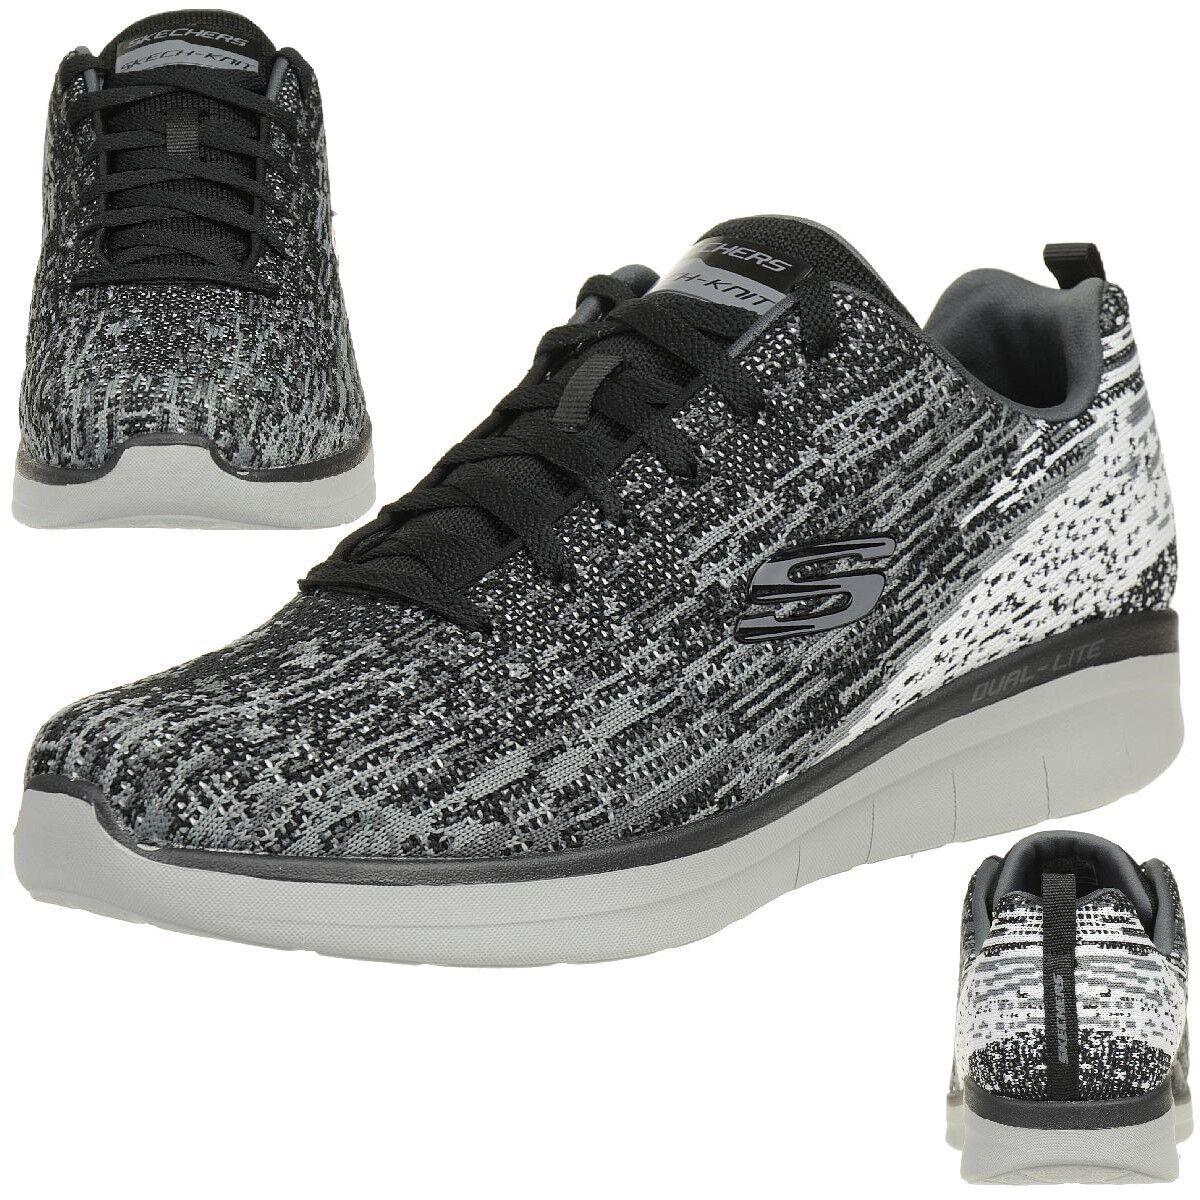 Skechers Synergy 2.0 Herren Sneaker Fitness Schuhe lite Memory Foam BKCC